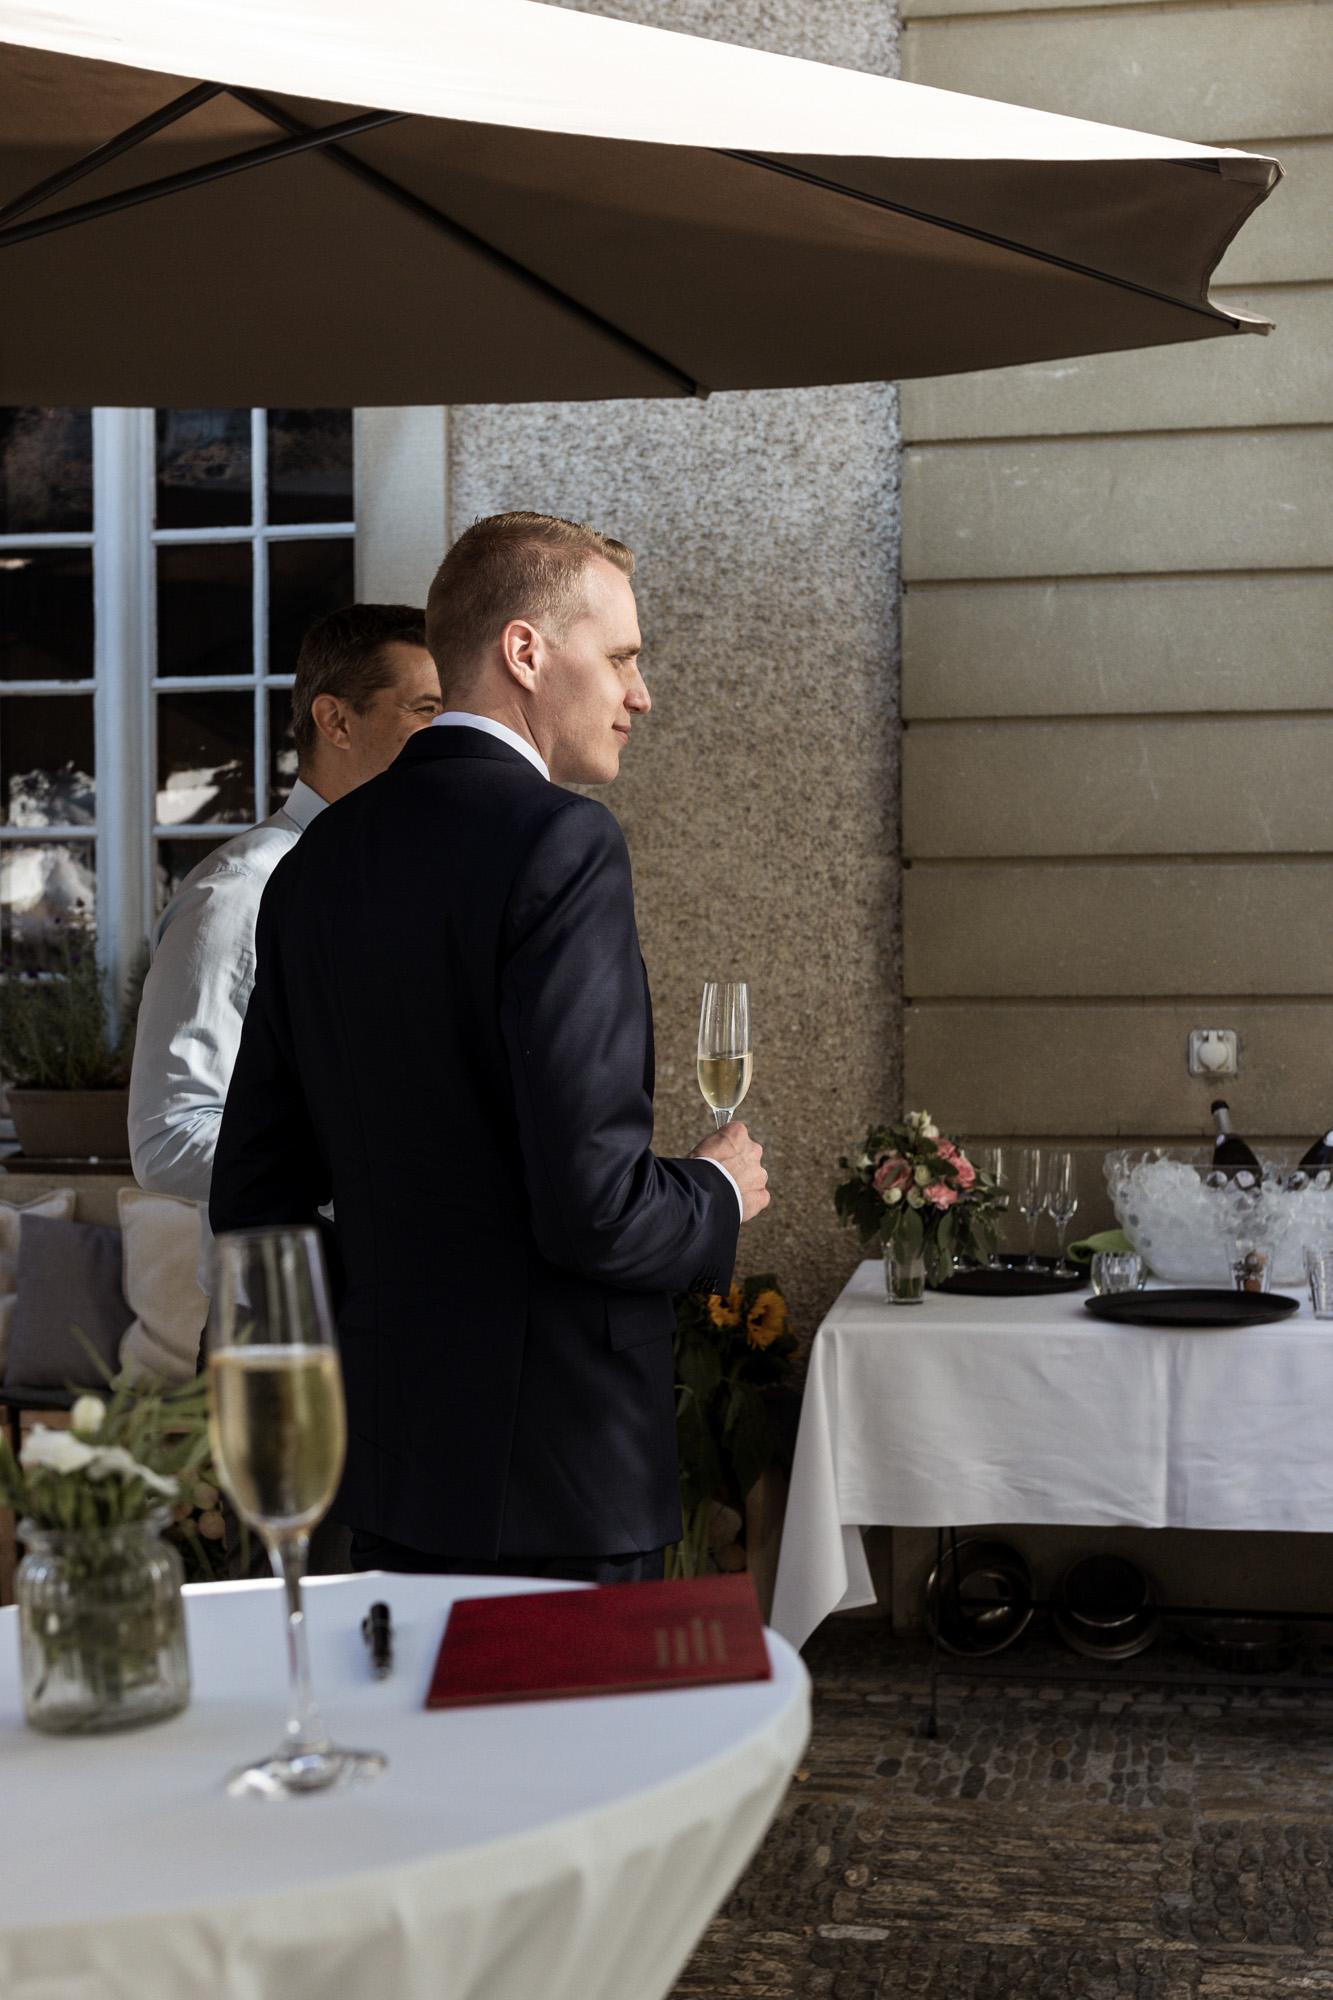 Bistro Reihalle - Der Bräutigam beim Hochzeitsapero - Hochzeitsfotografen Basel